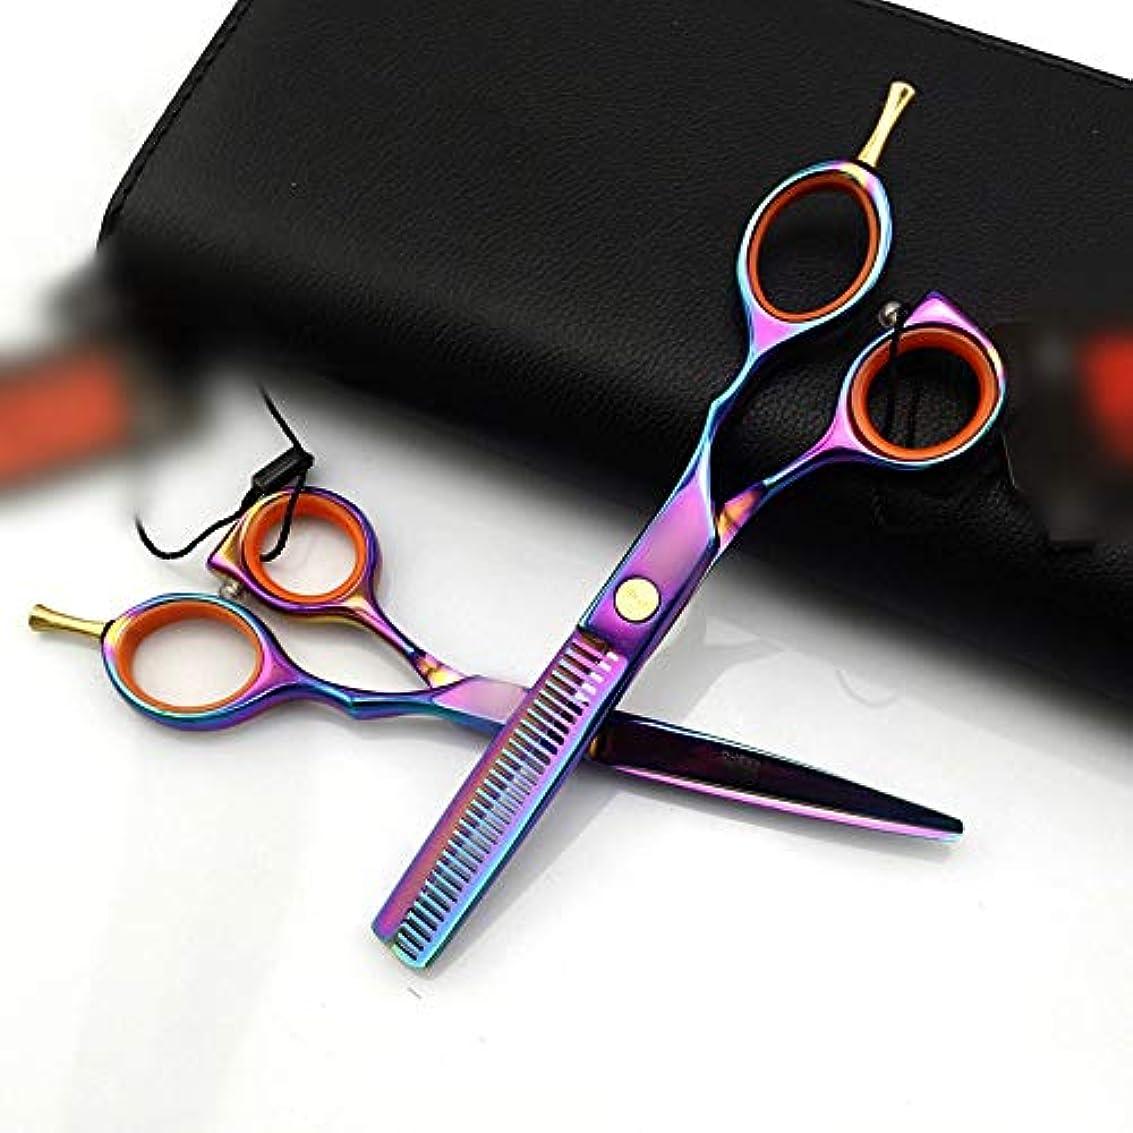 ダイヤル幾分課す理髪用はさみ 5.5インチの多彩な専門の理髪はさみ、平らな+歯の理髪はさみセット毛切断はさみステンレス理髪はさみ (色 : Colors)